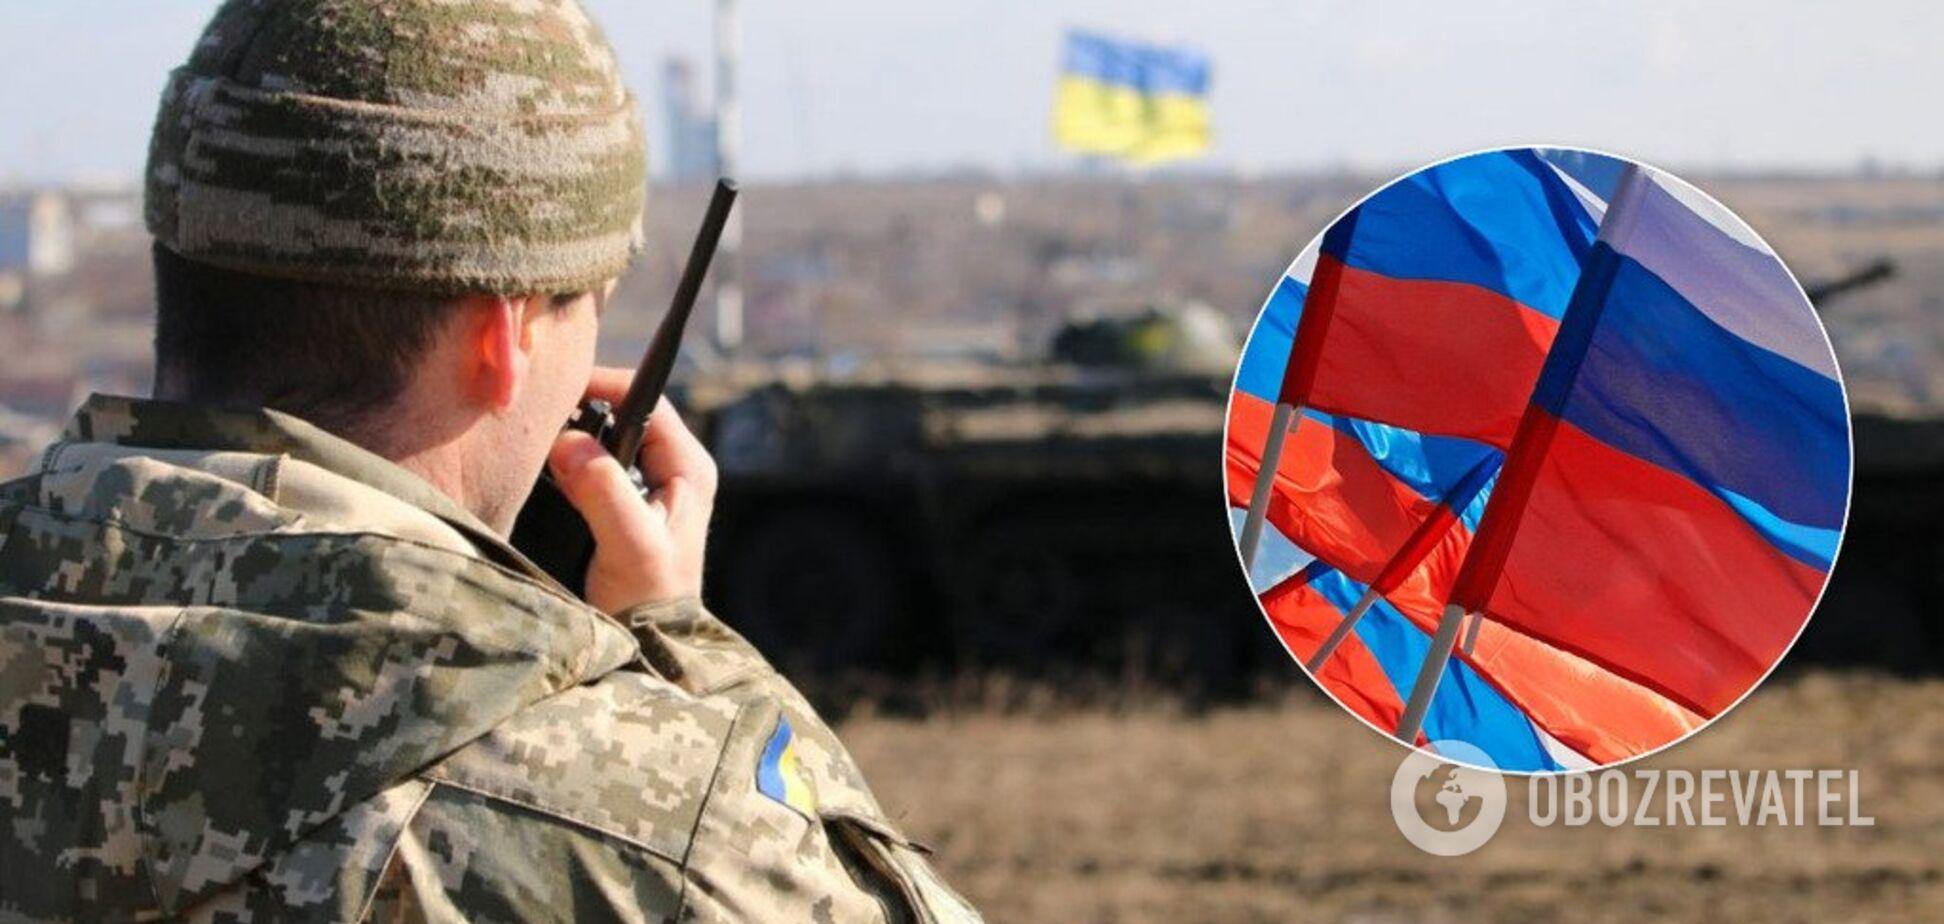 'Додавили Украину': волонтер увидел плохой знак в разведении сил на Донбассе